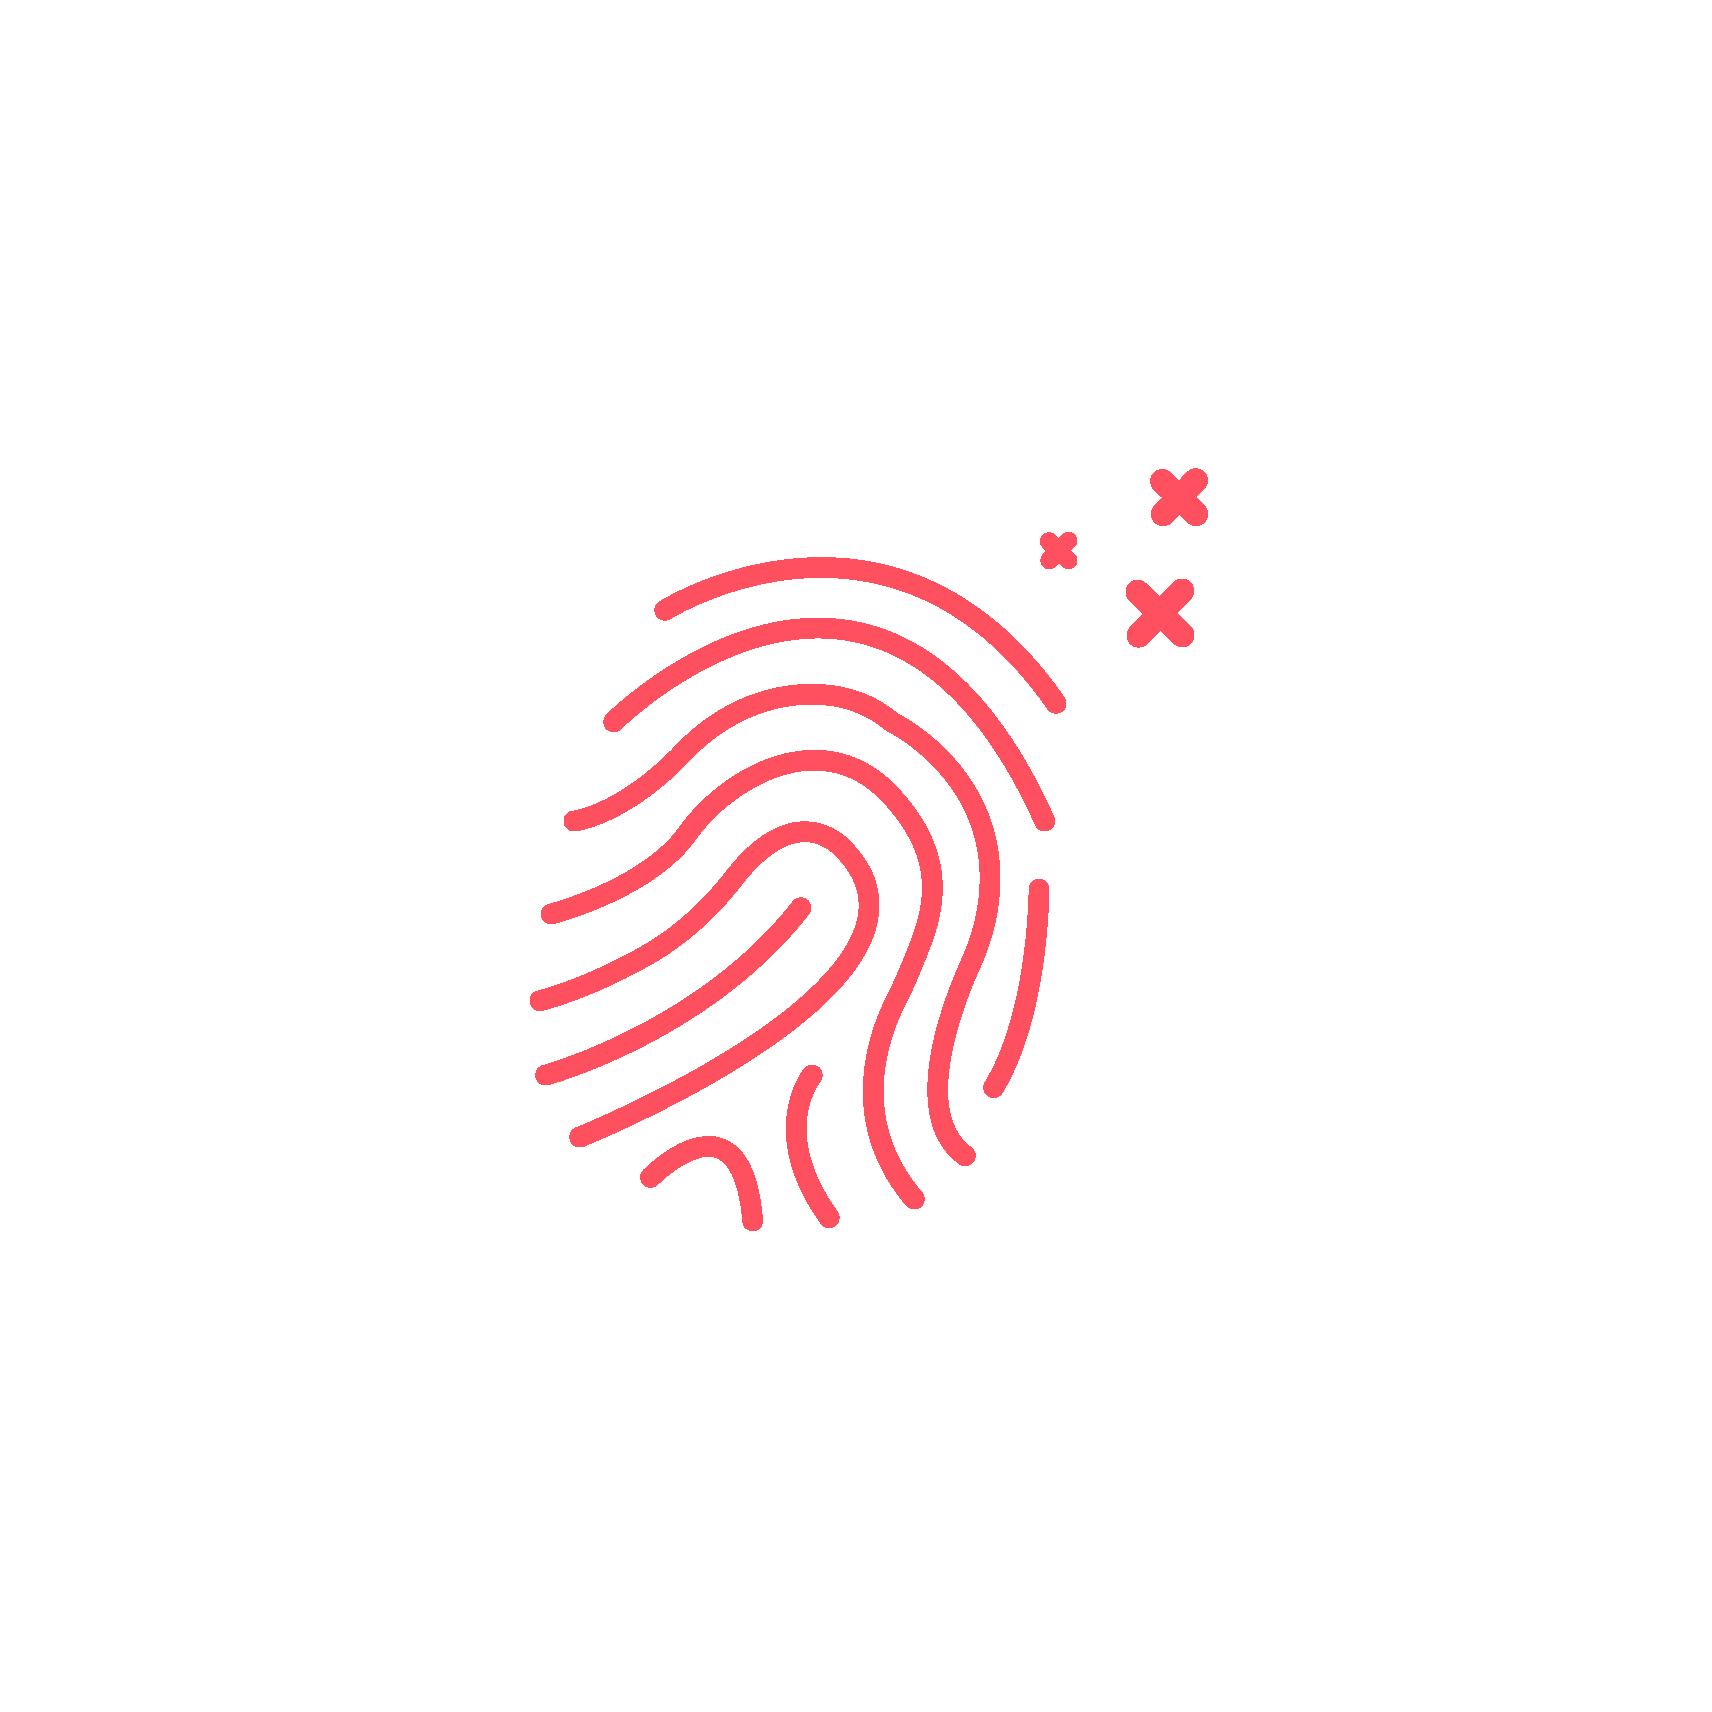 branding-brand identity.png